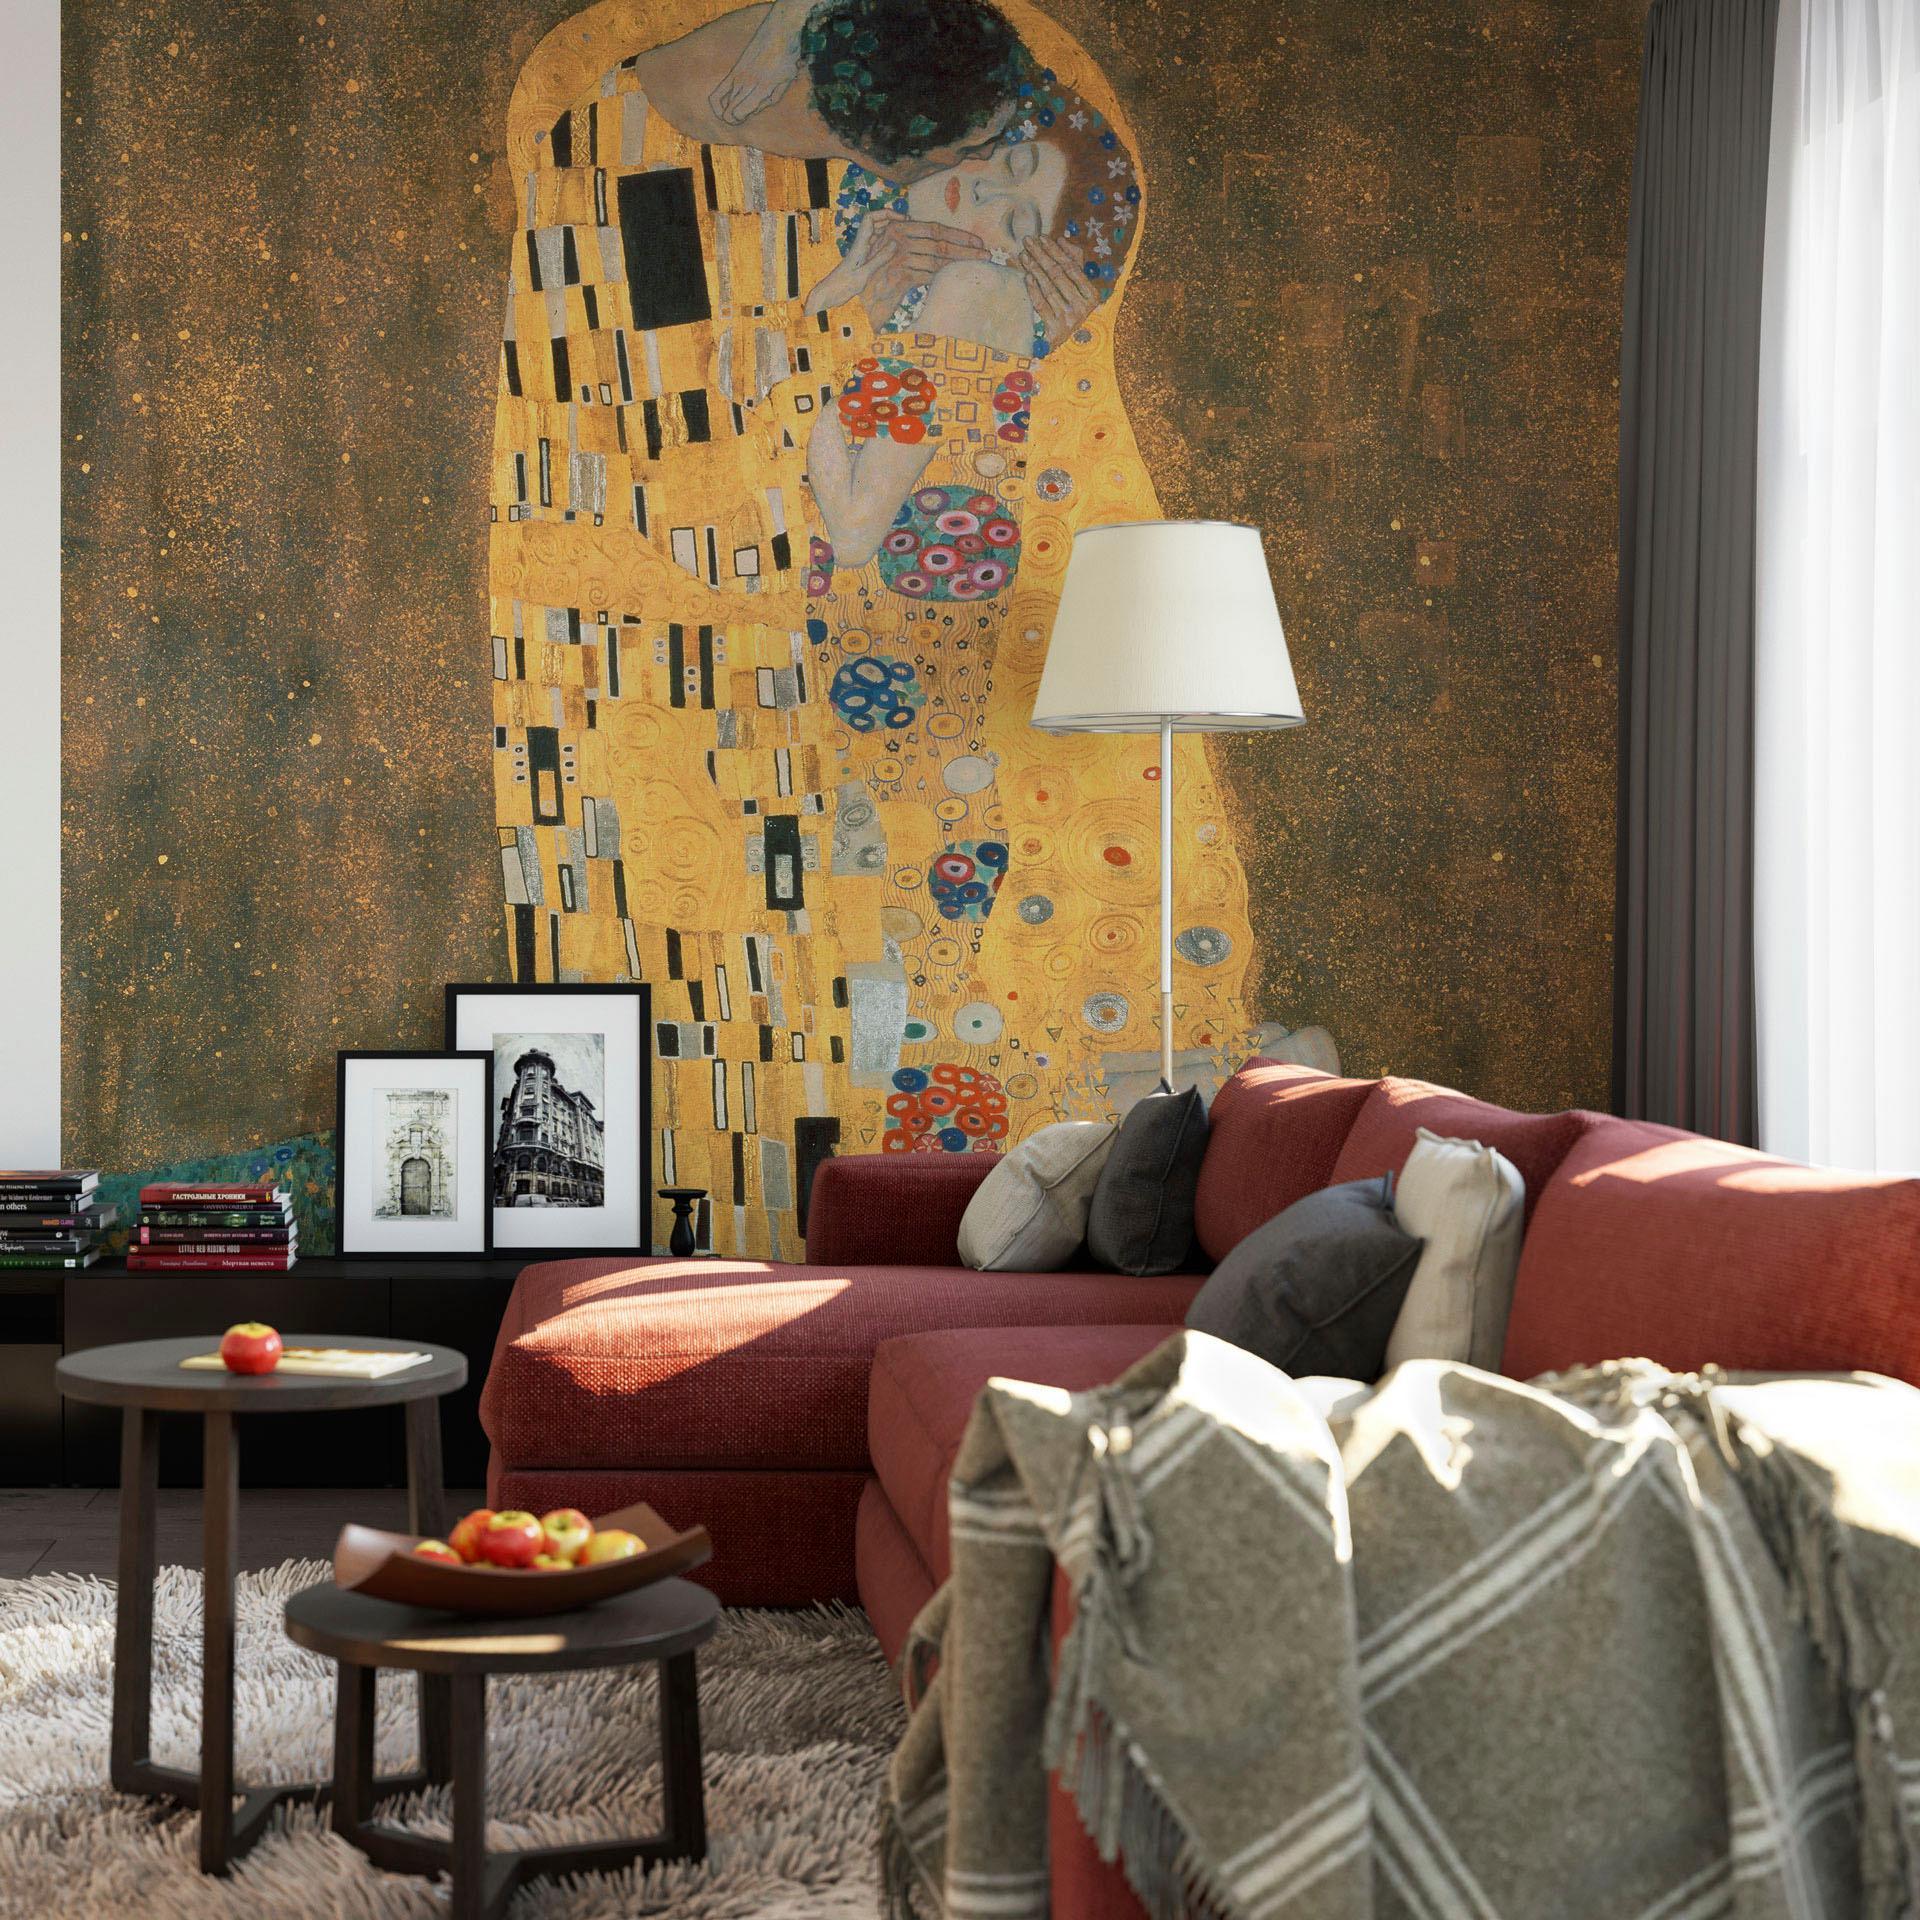 Fototapete Klimt - Der Kuss 240/260 cm Wohnen/Wohntextilien/Tapeten/Fototapeten/Fototapeten Natur